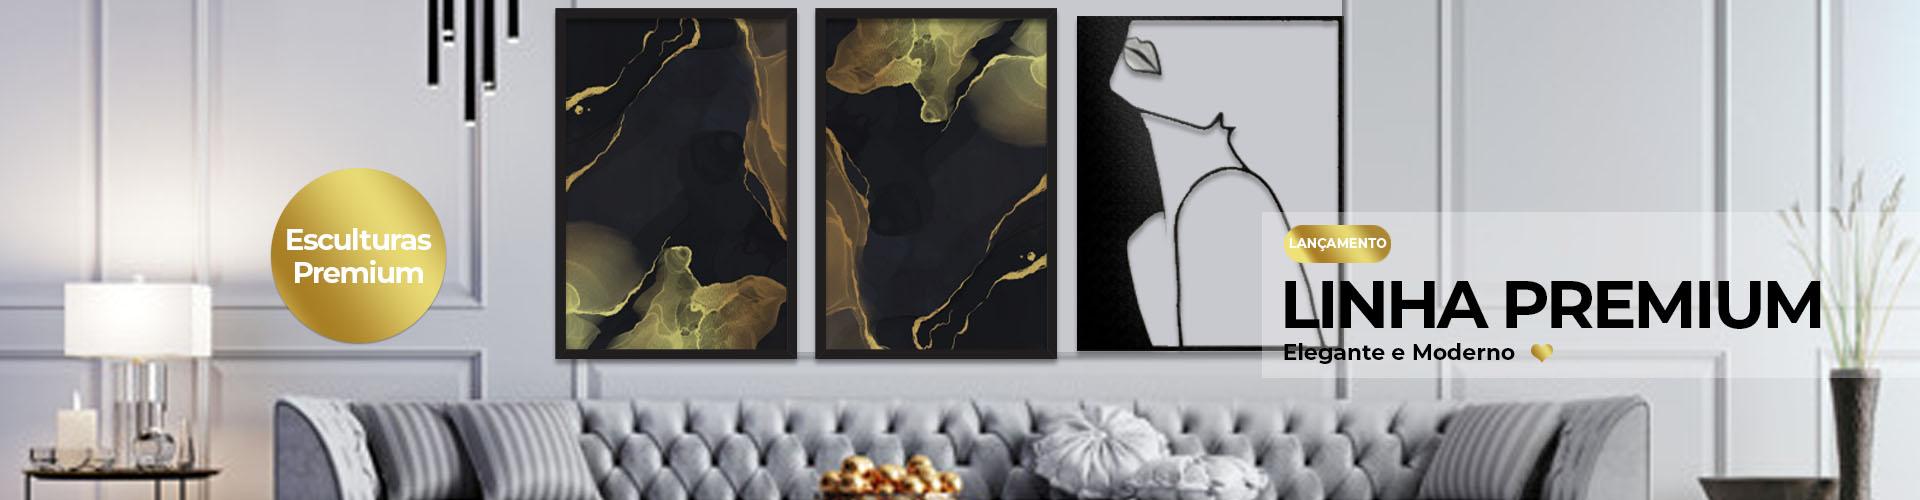 esculturas premium